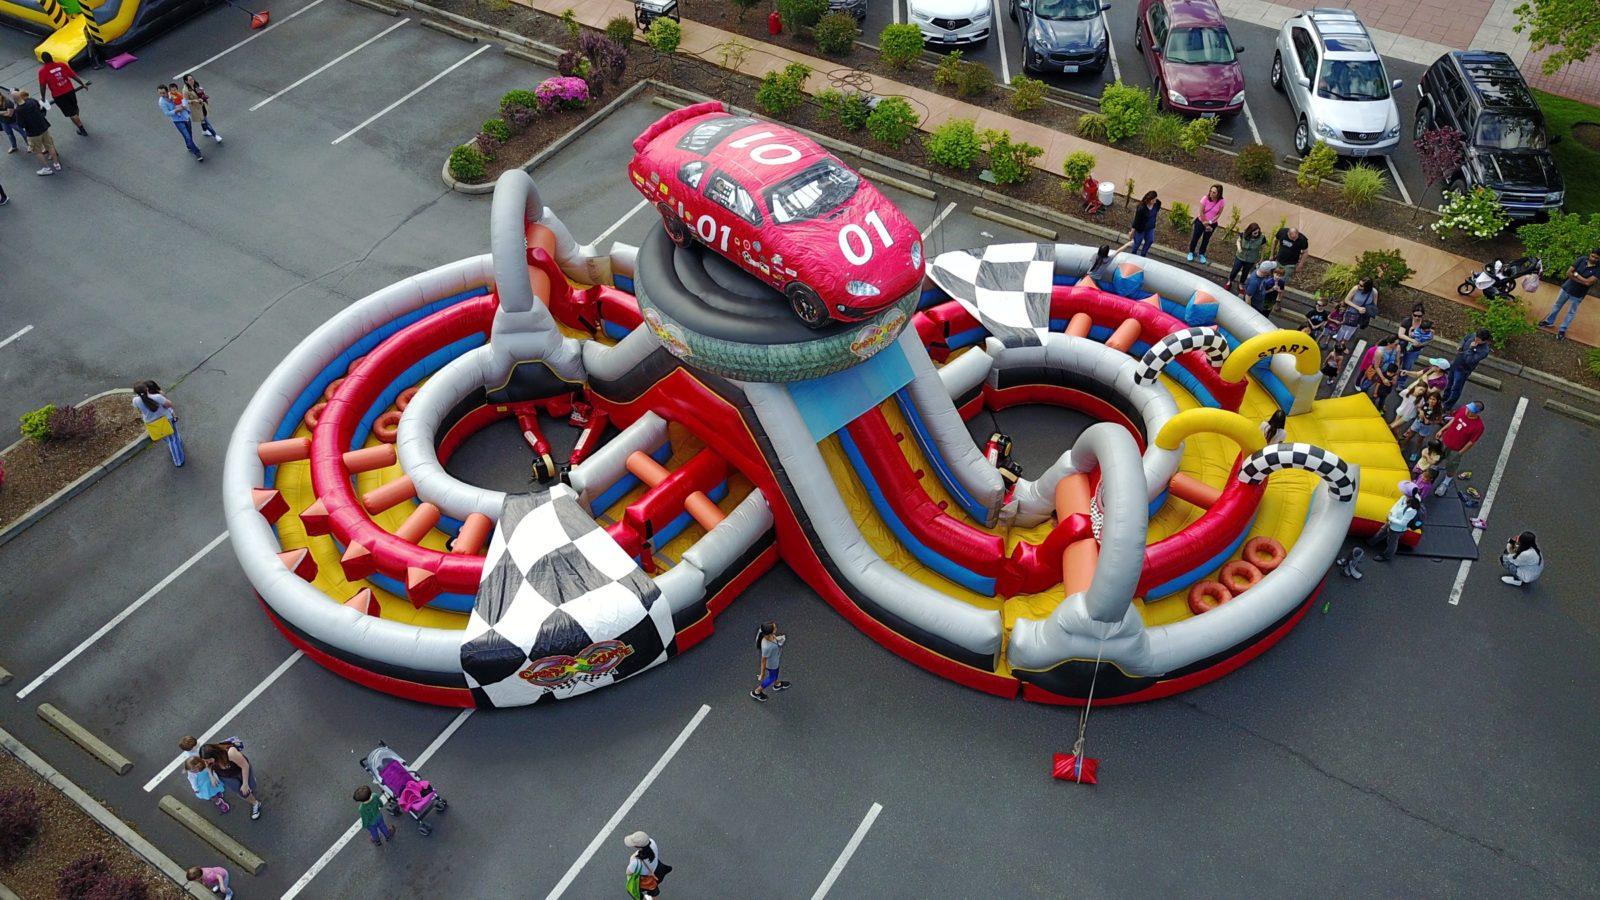 Inflatable Rentals, Inflatable Slide Rentals